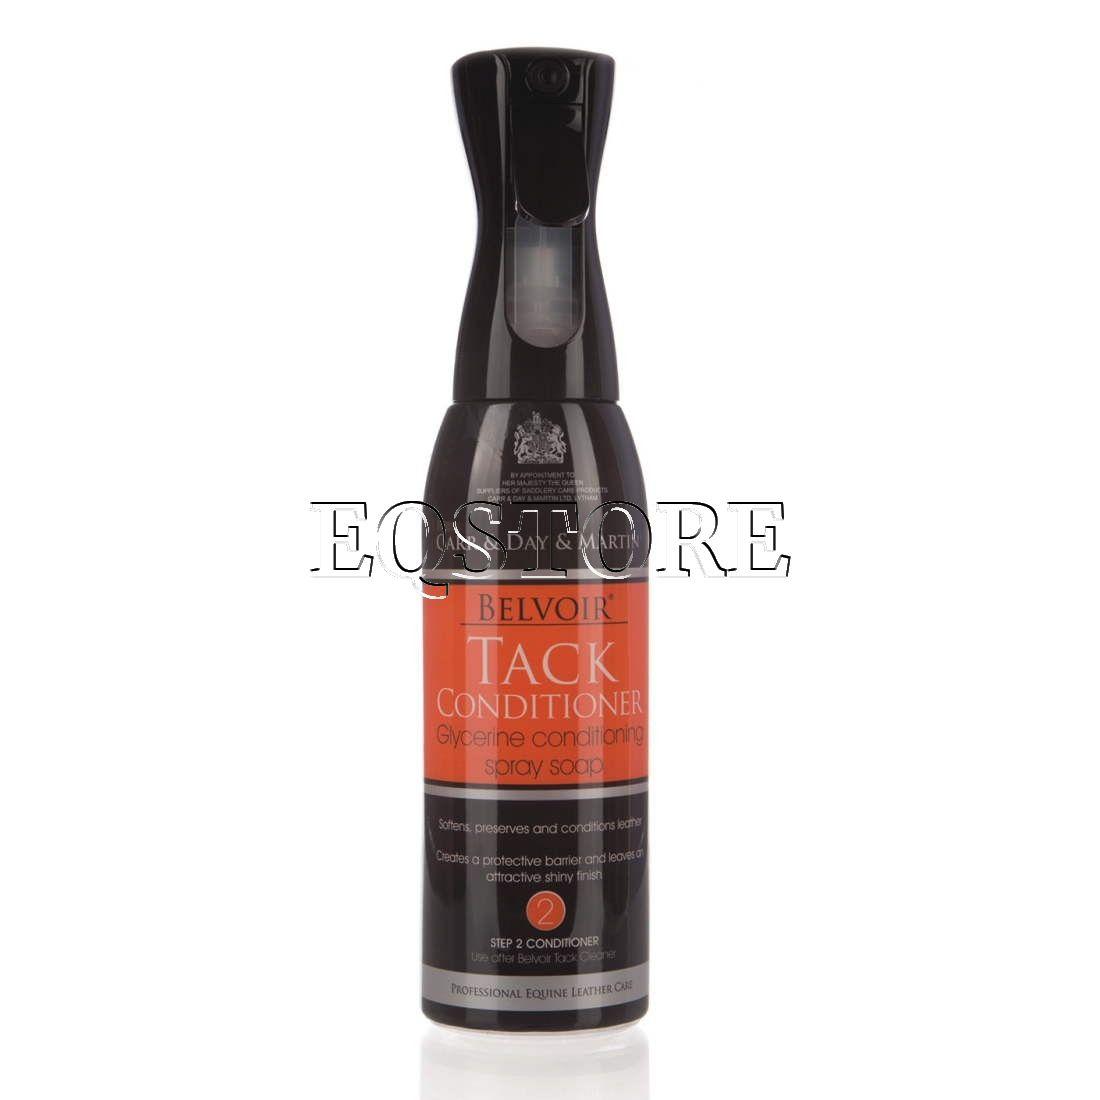 Belvoir Tack Conditioner / Спрей-кондиционер для амуниции Belvoir 600 мл